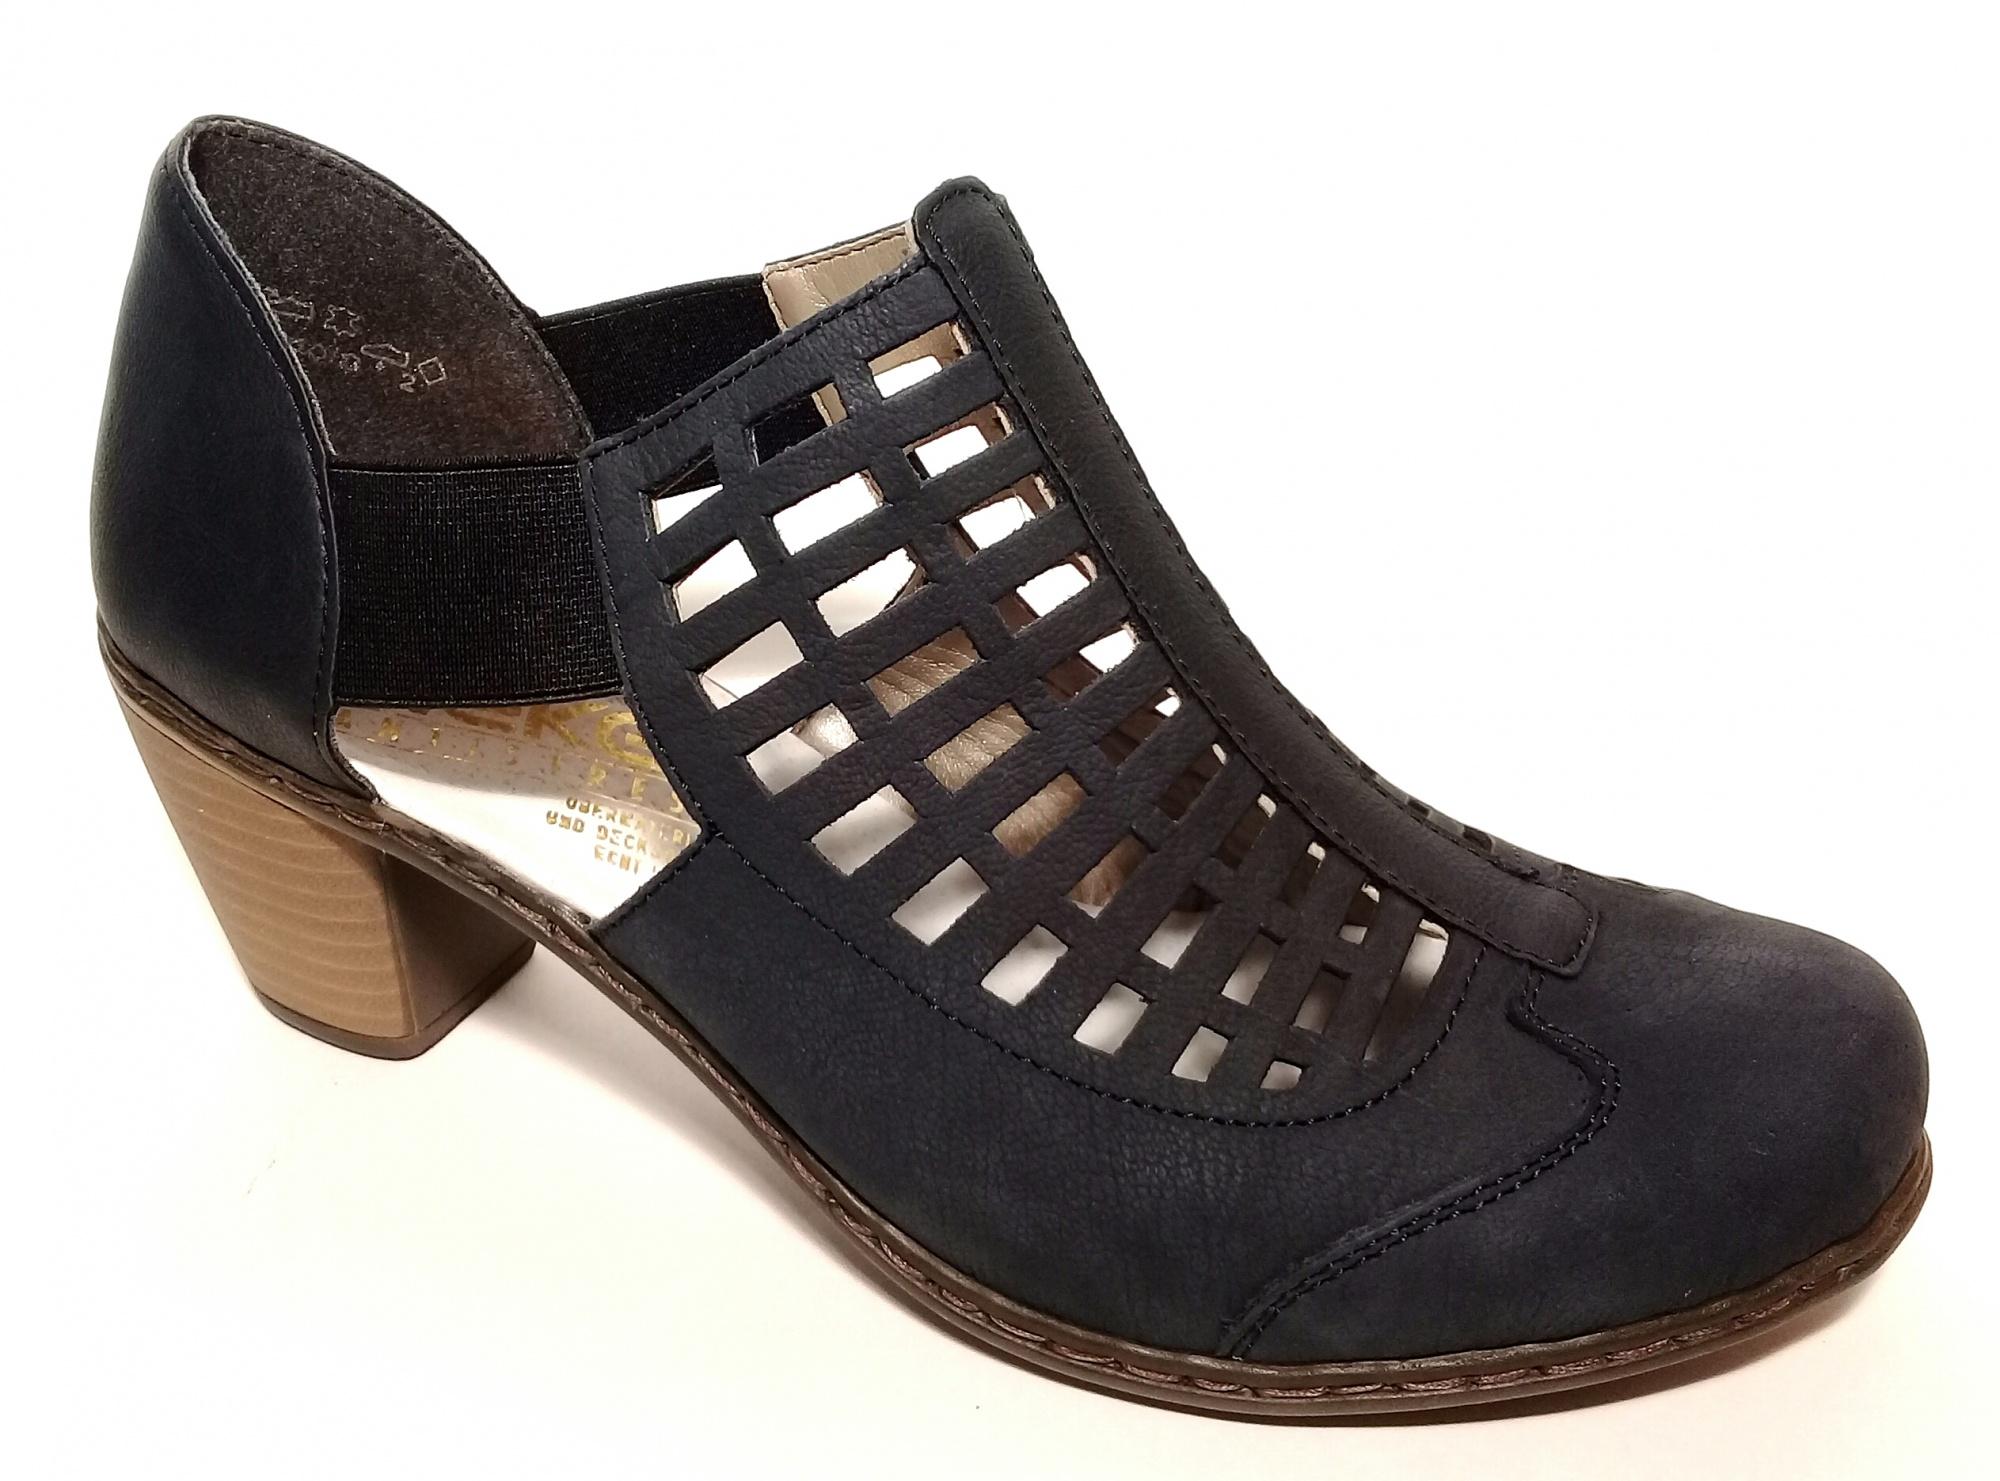 c1ea1e12f Туфли Rieker арт.40961-14 - Сеть обувных магазинов XShoes